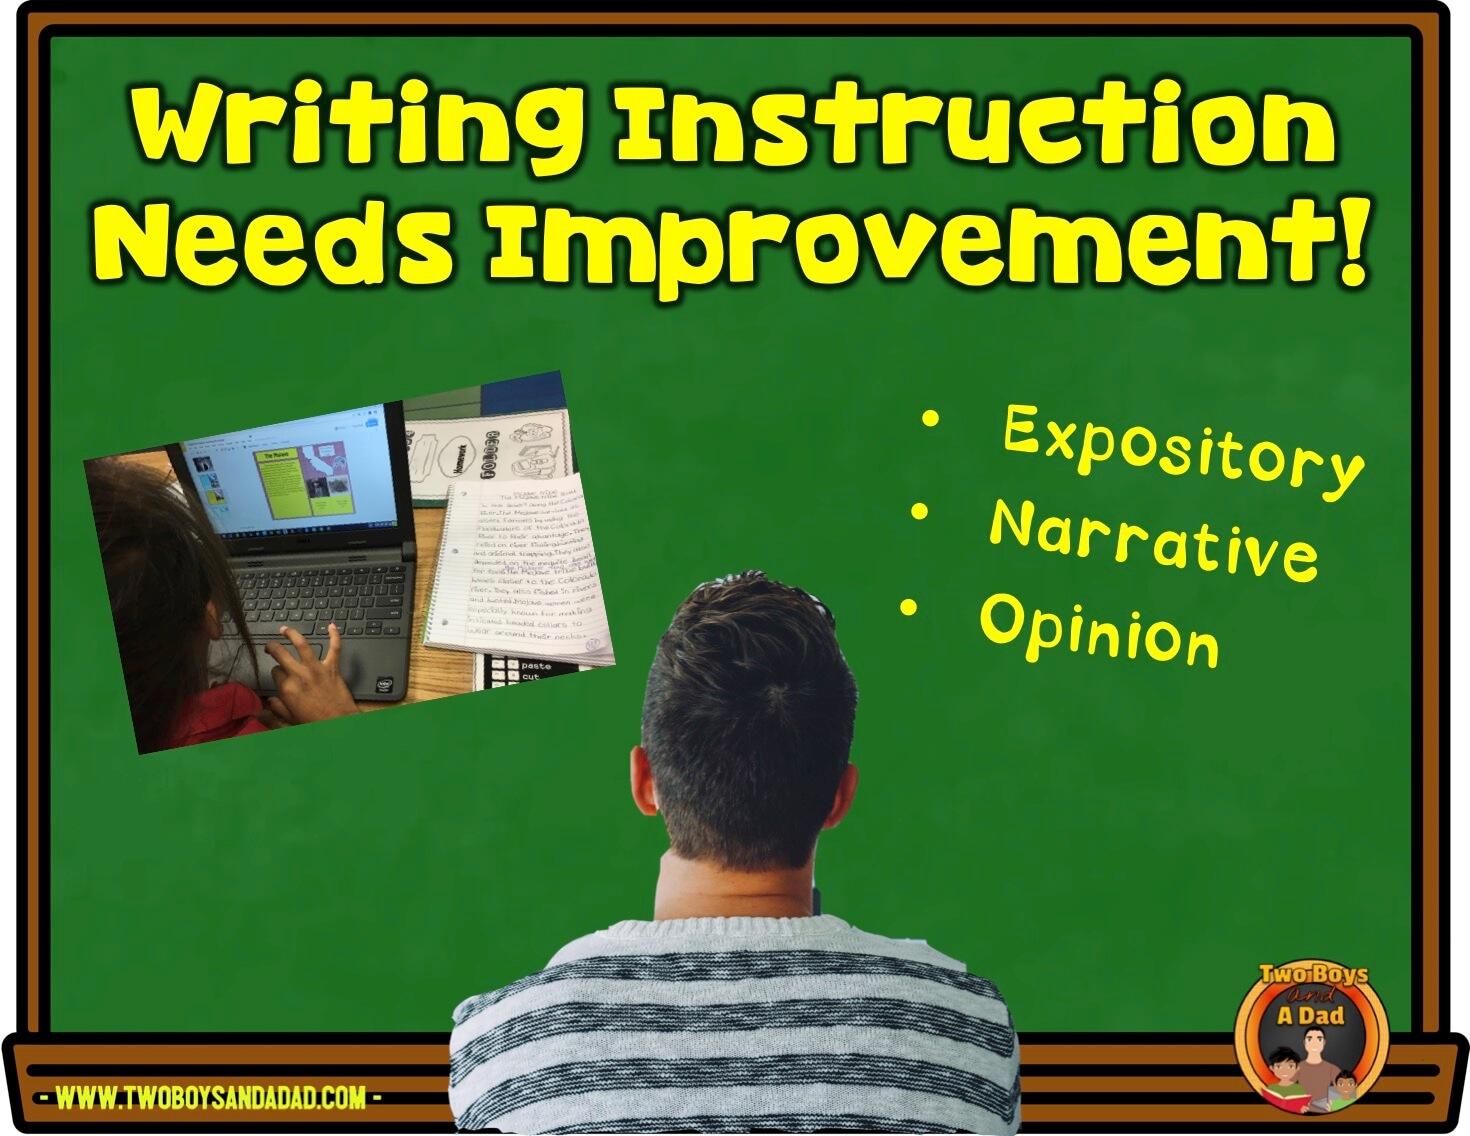 Improve writing instruction